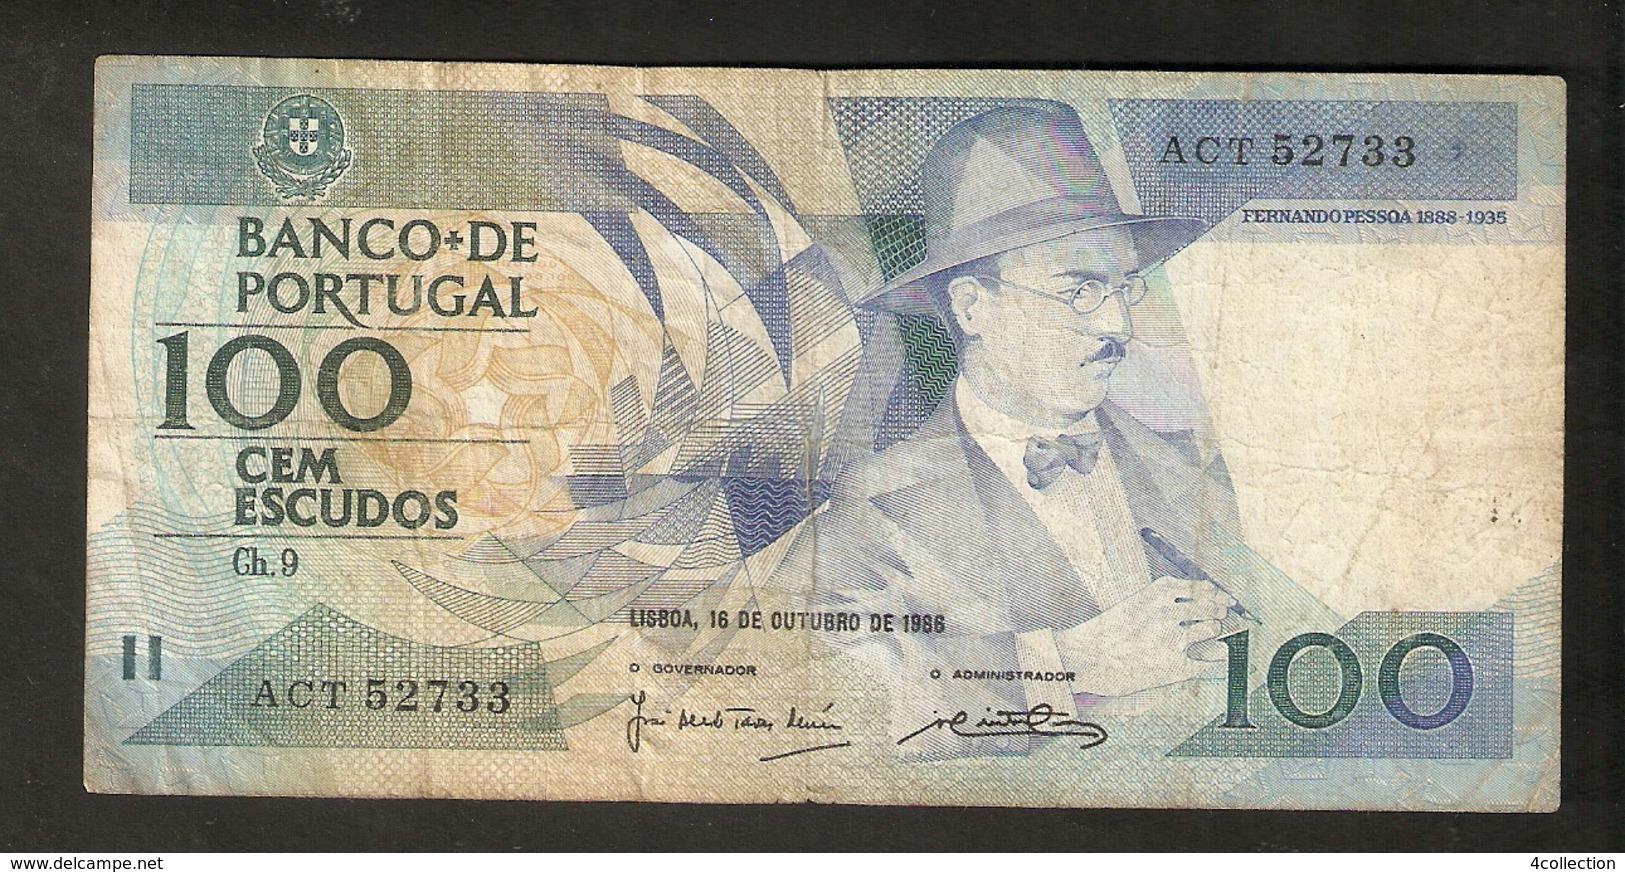 T. Portugal Cem 100 Escudos Lisboa 1986 # ACT 52733 Fernando Pessoa - Portugal